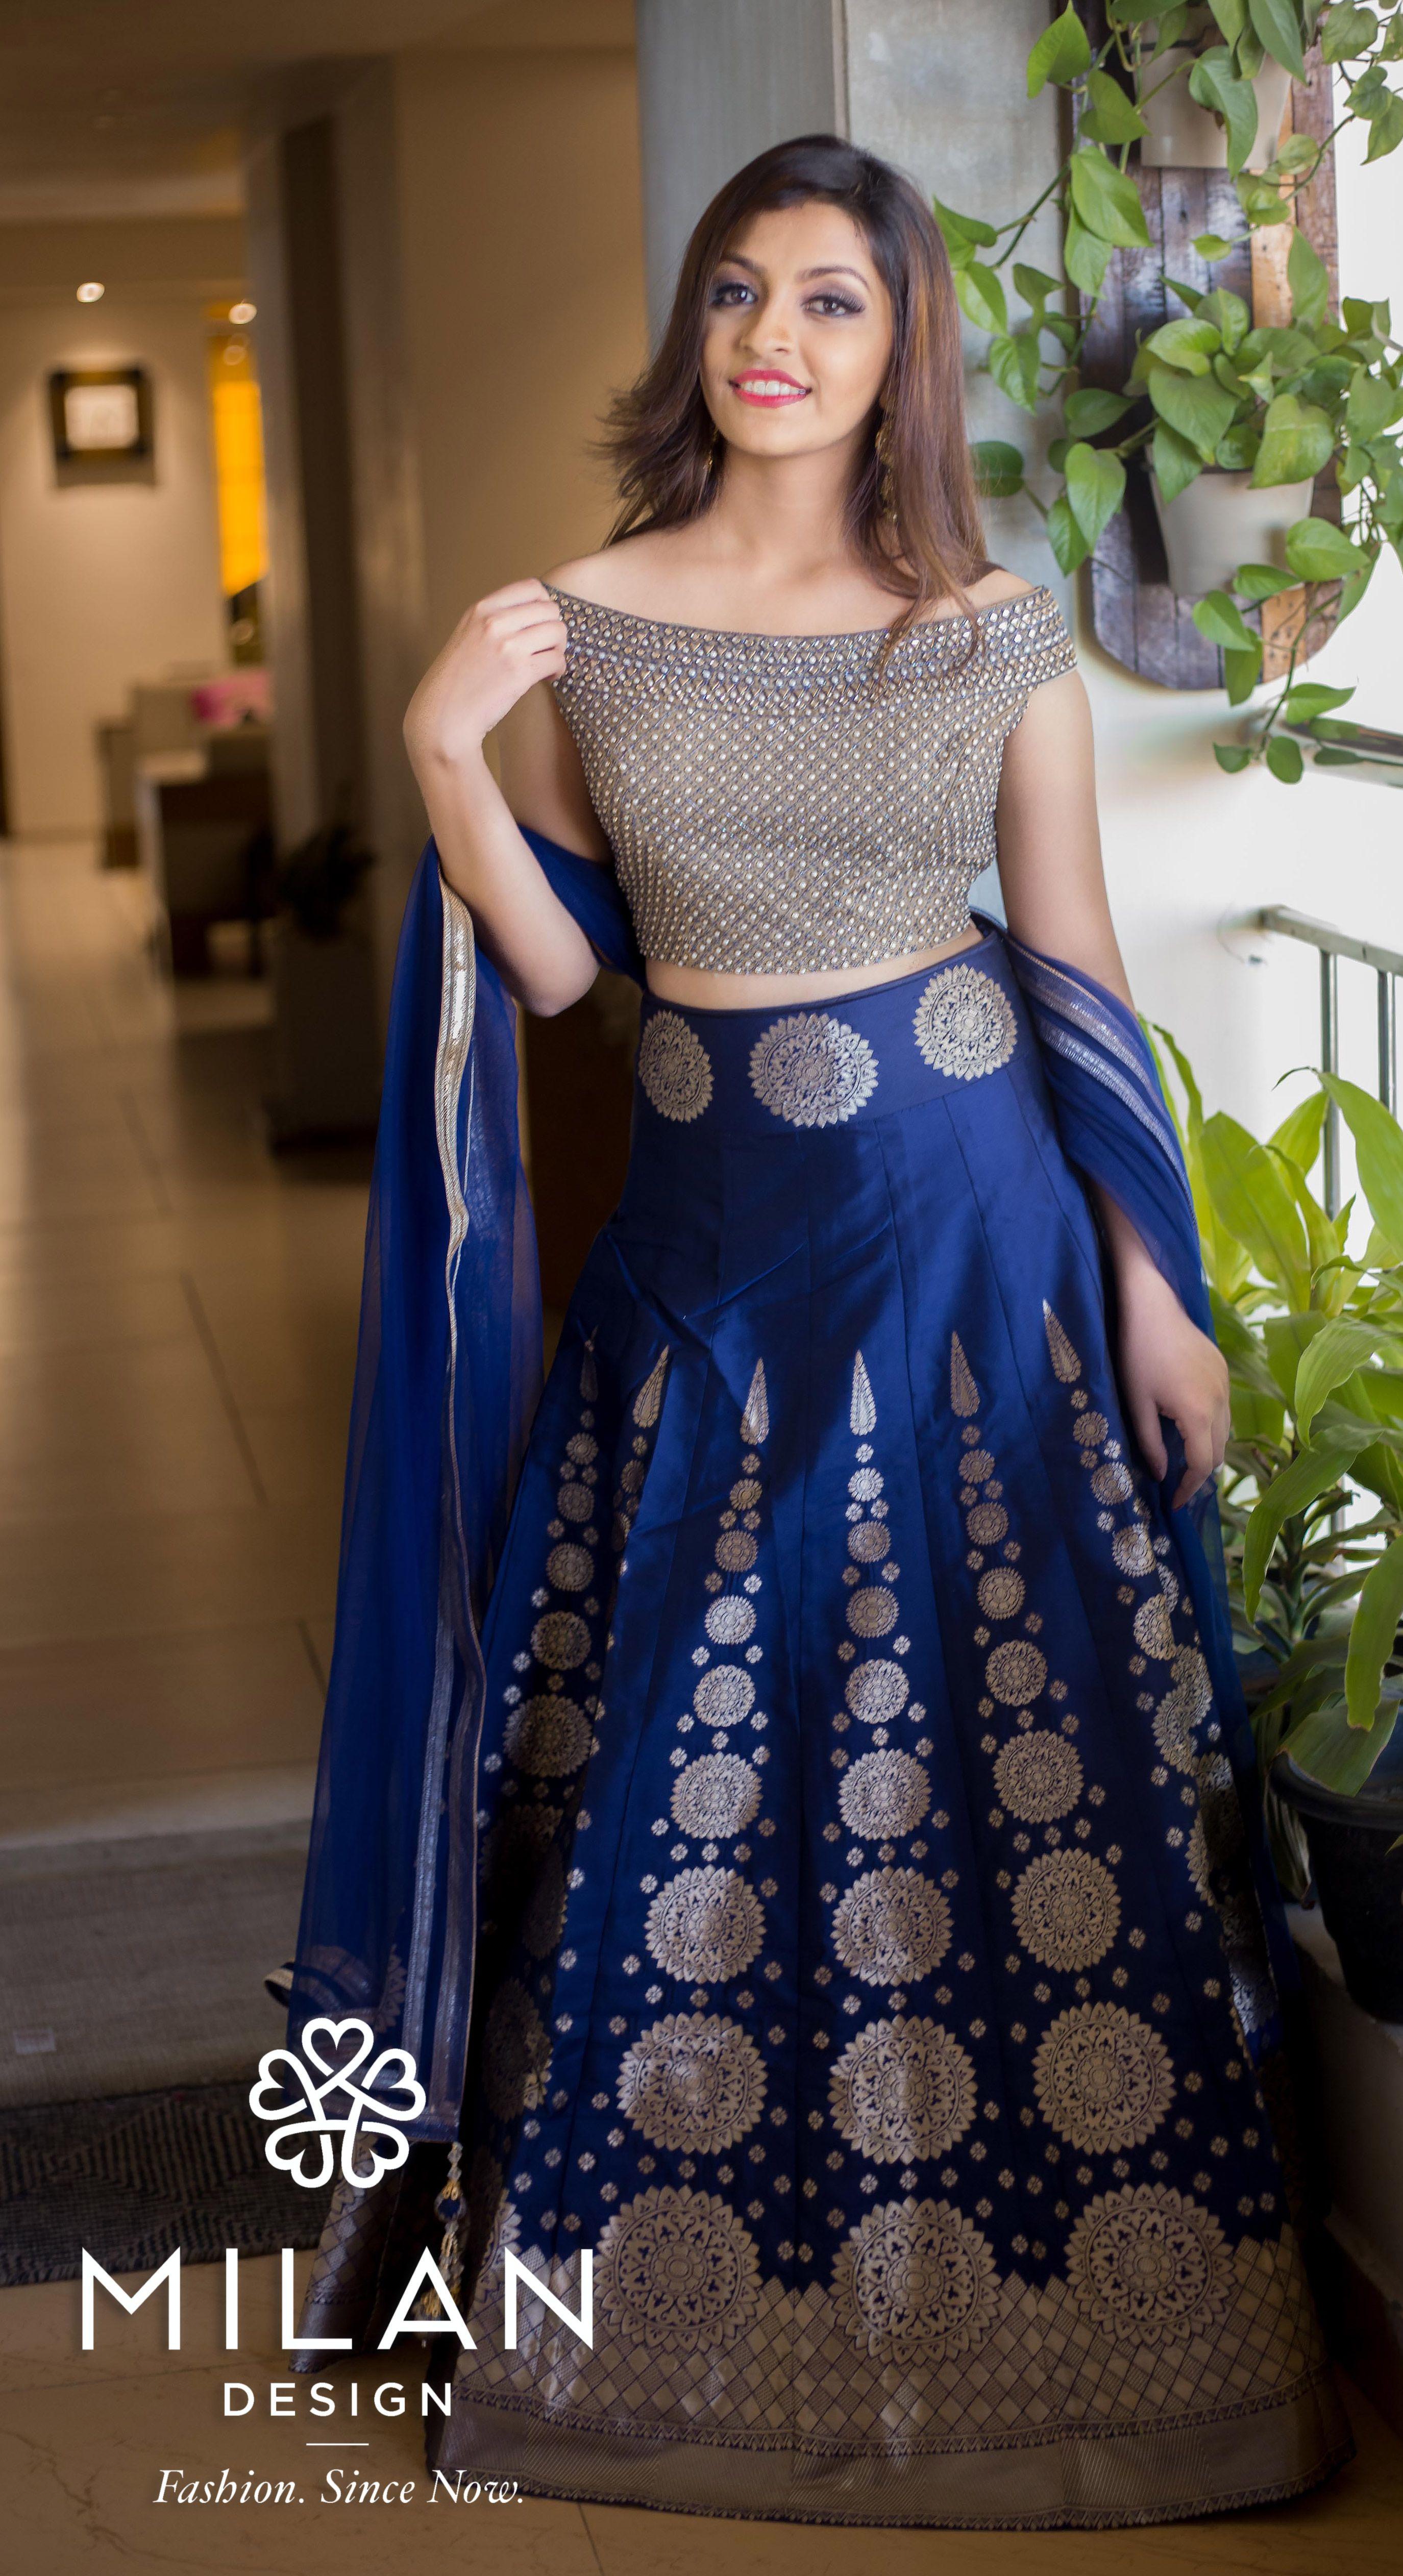 Milandesignkochi Indian Dresses In 2019 Kerala Engagement Dress